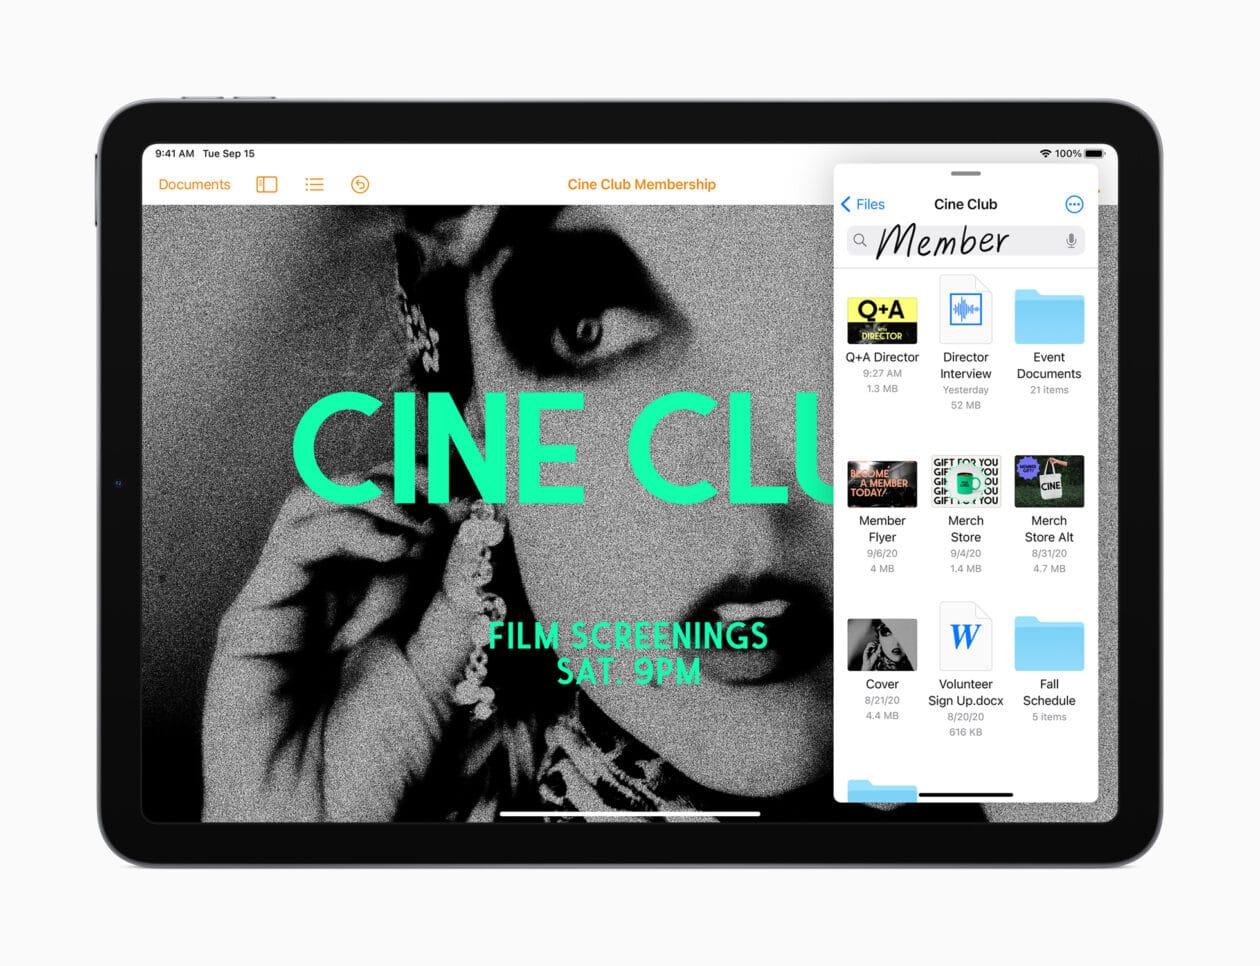 Busca no novo iPad Air